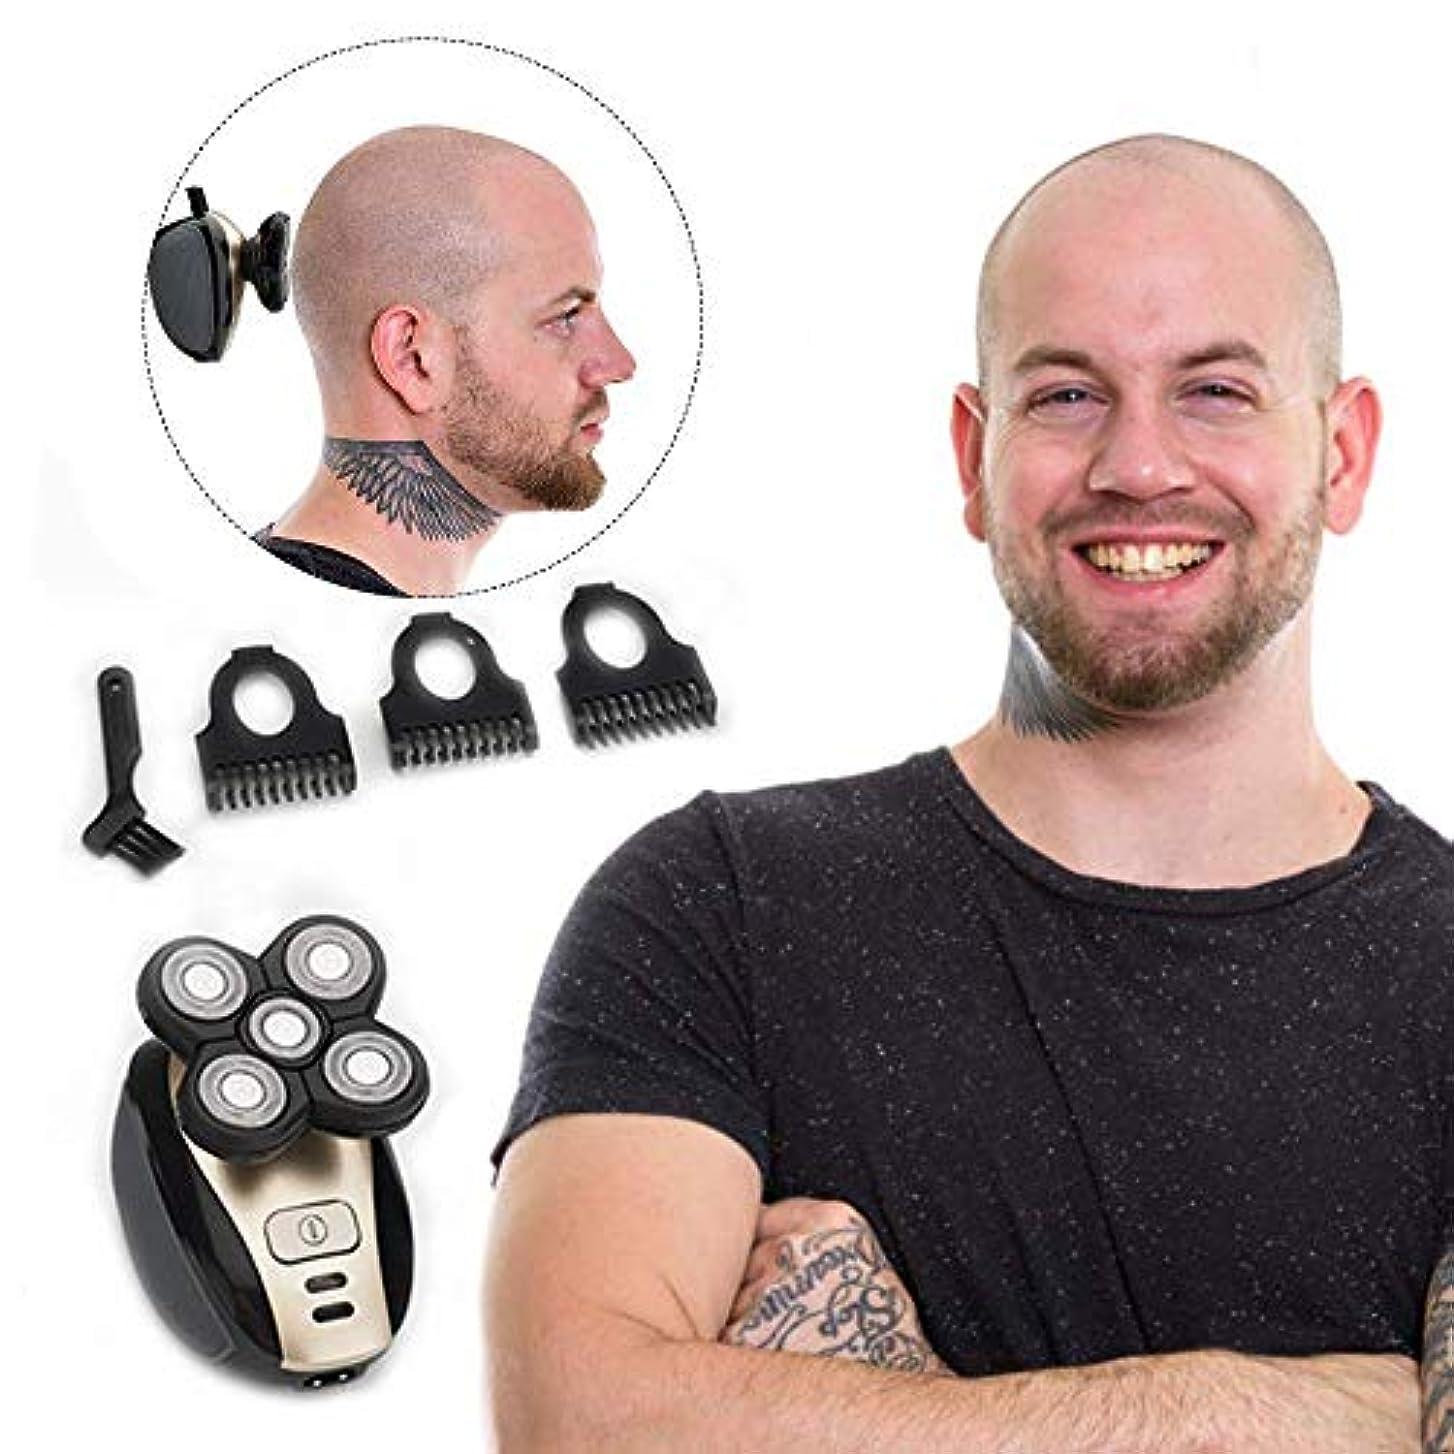 慰め歌詞近似電気かみそり電気かみそりクイックUSB充電式ウェットドライロータリーシェーバー4Dフローティング5かみそりヘッドコードレスグルーミングキットヘアかみそり付き男性用